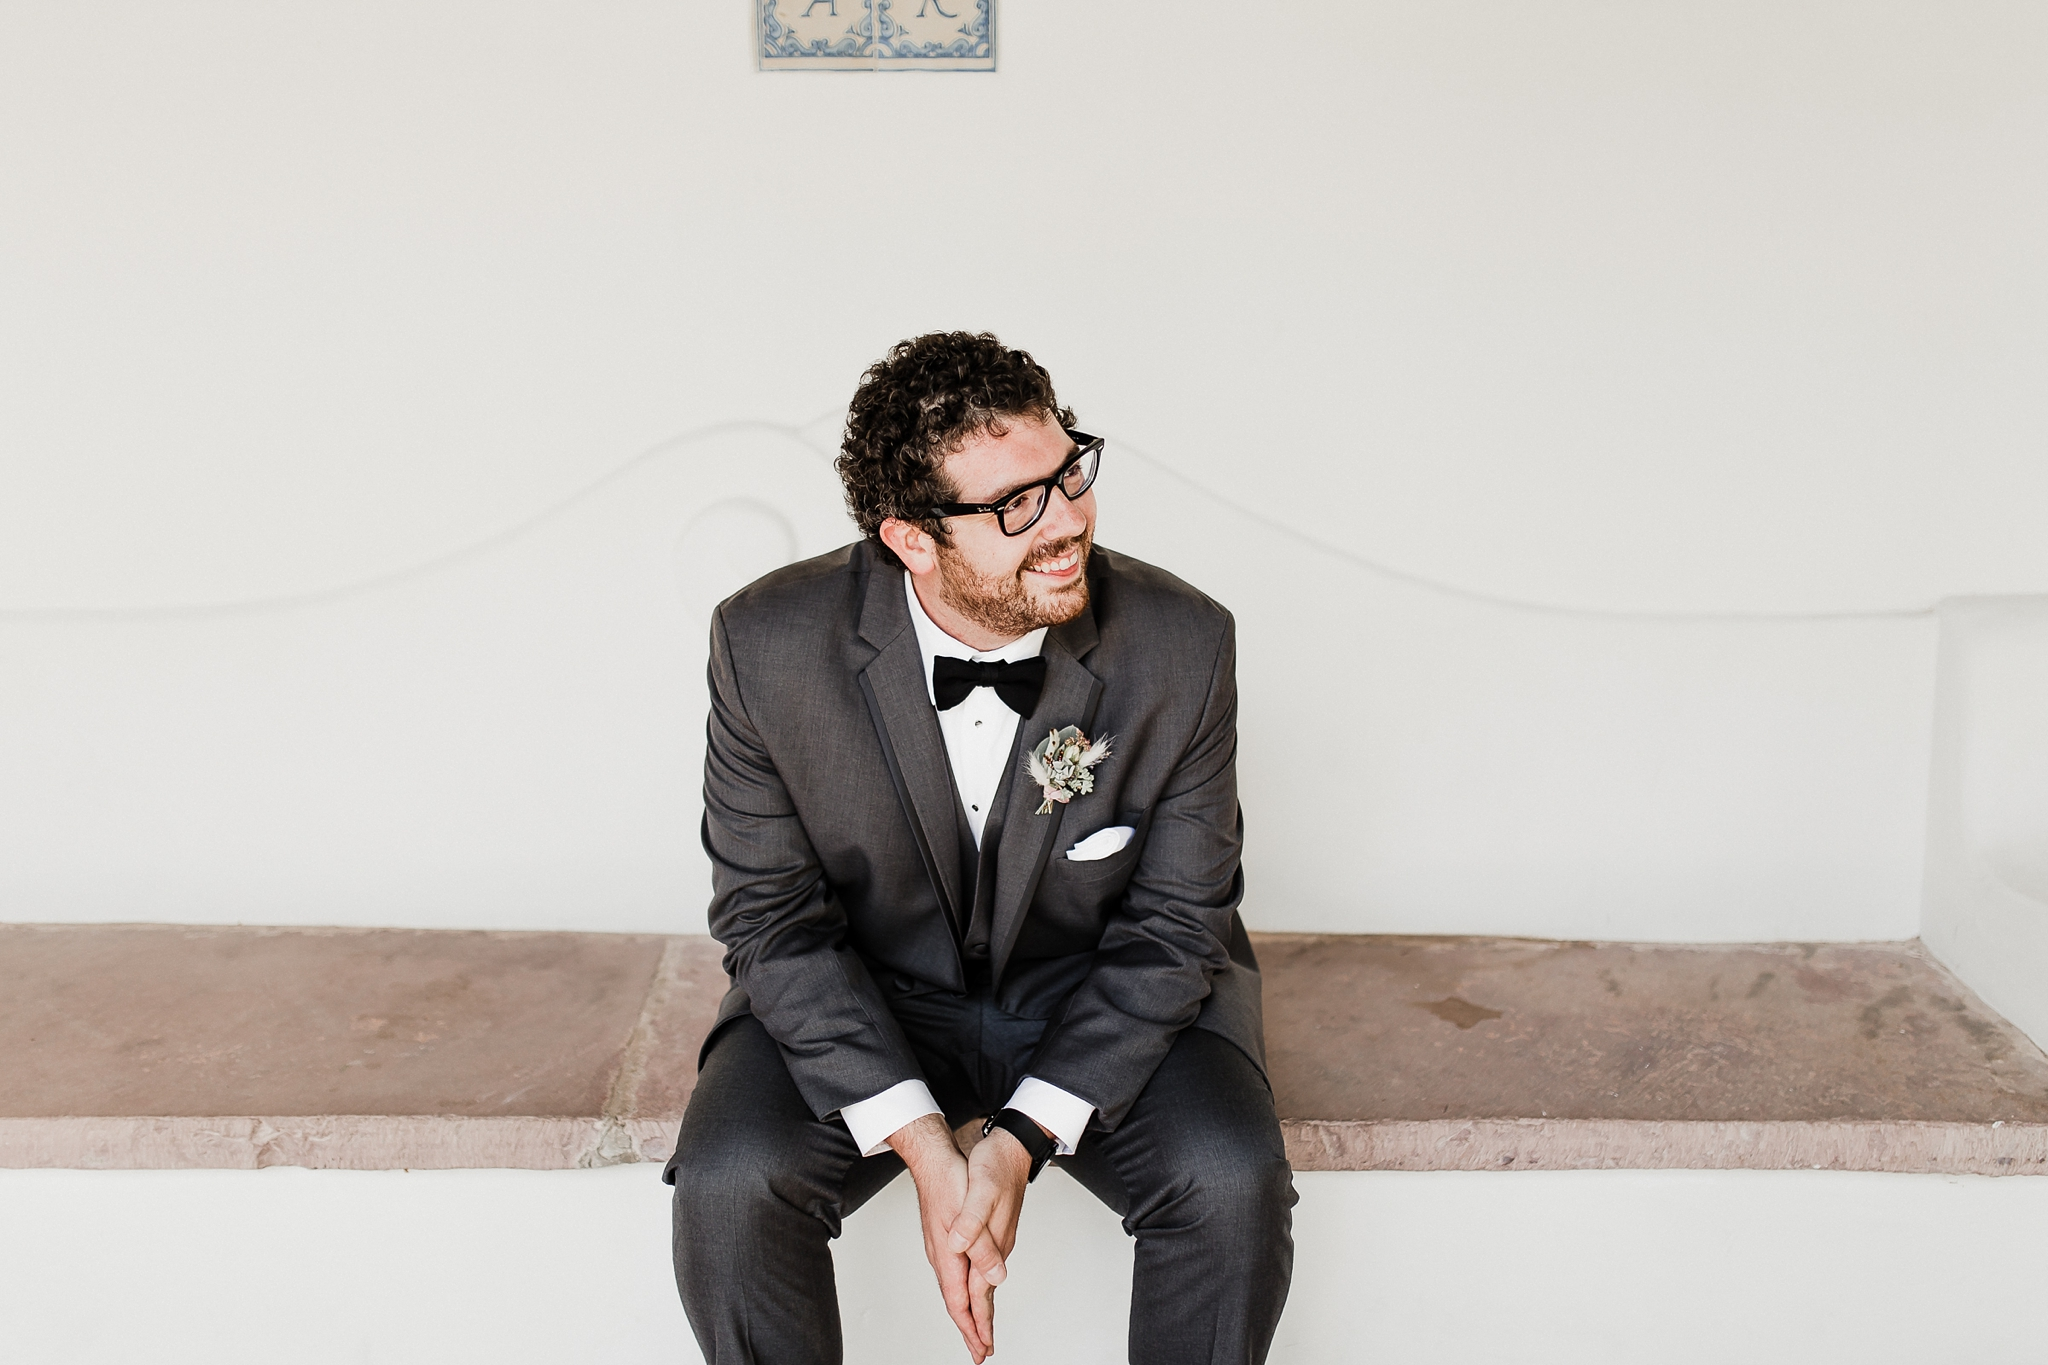 Alicia+lucia+photography+-+albuquerque+wedding+photographer+-+santa+fe+wedding+photography+-+new+mexico+wedding+photographer+-+new+mexico+wedding+-+summer+wedding+-+los+poblanos+wedding+-+albuquerque+wedding_0056.jpg